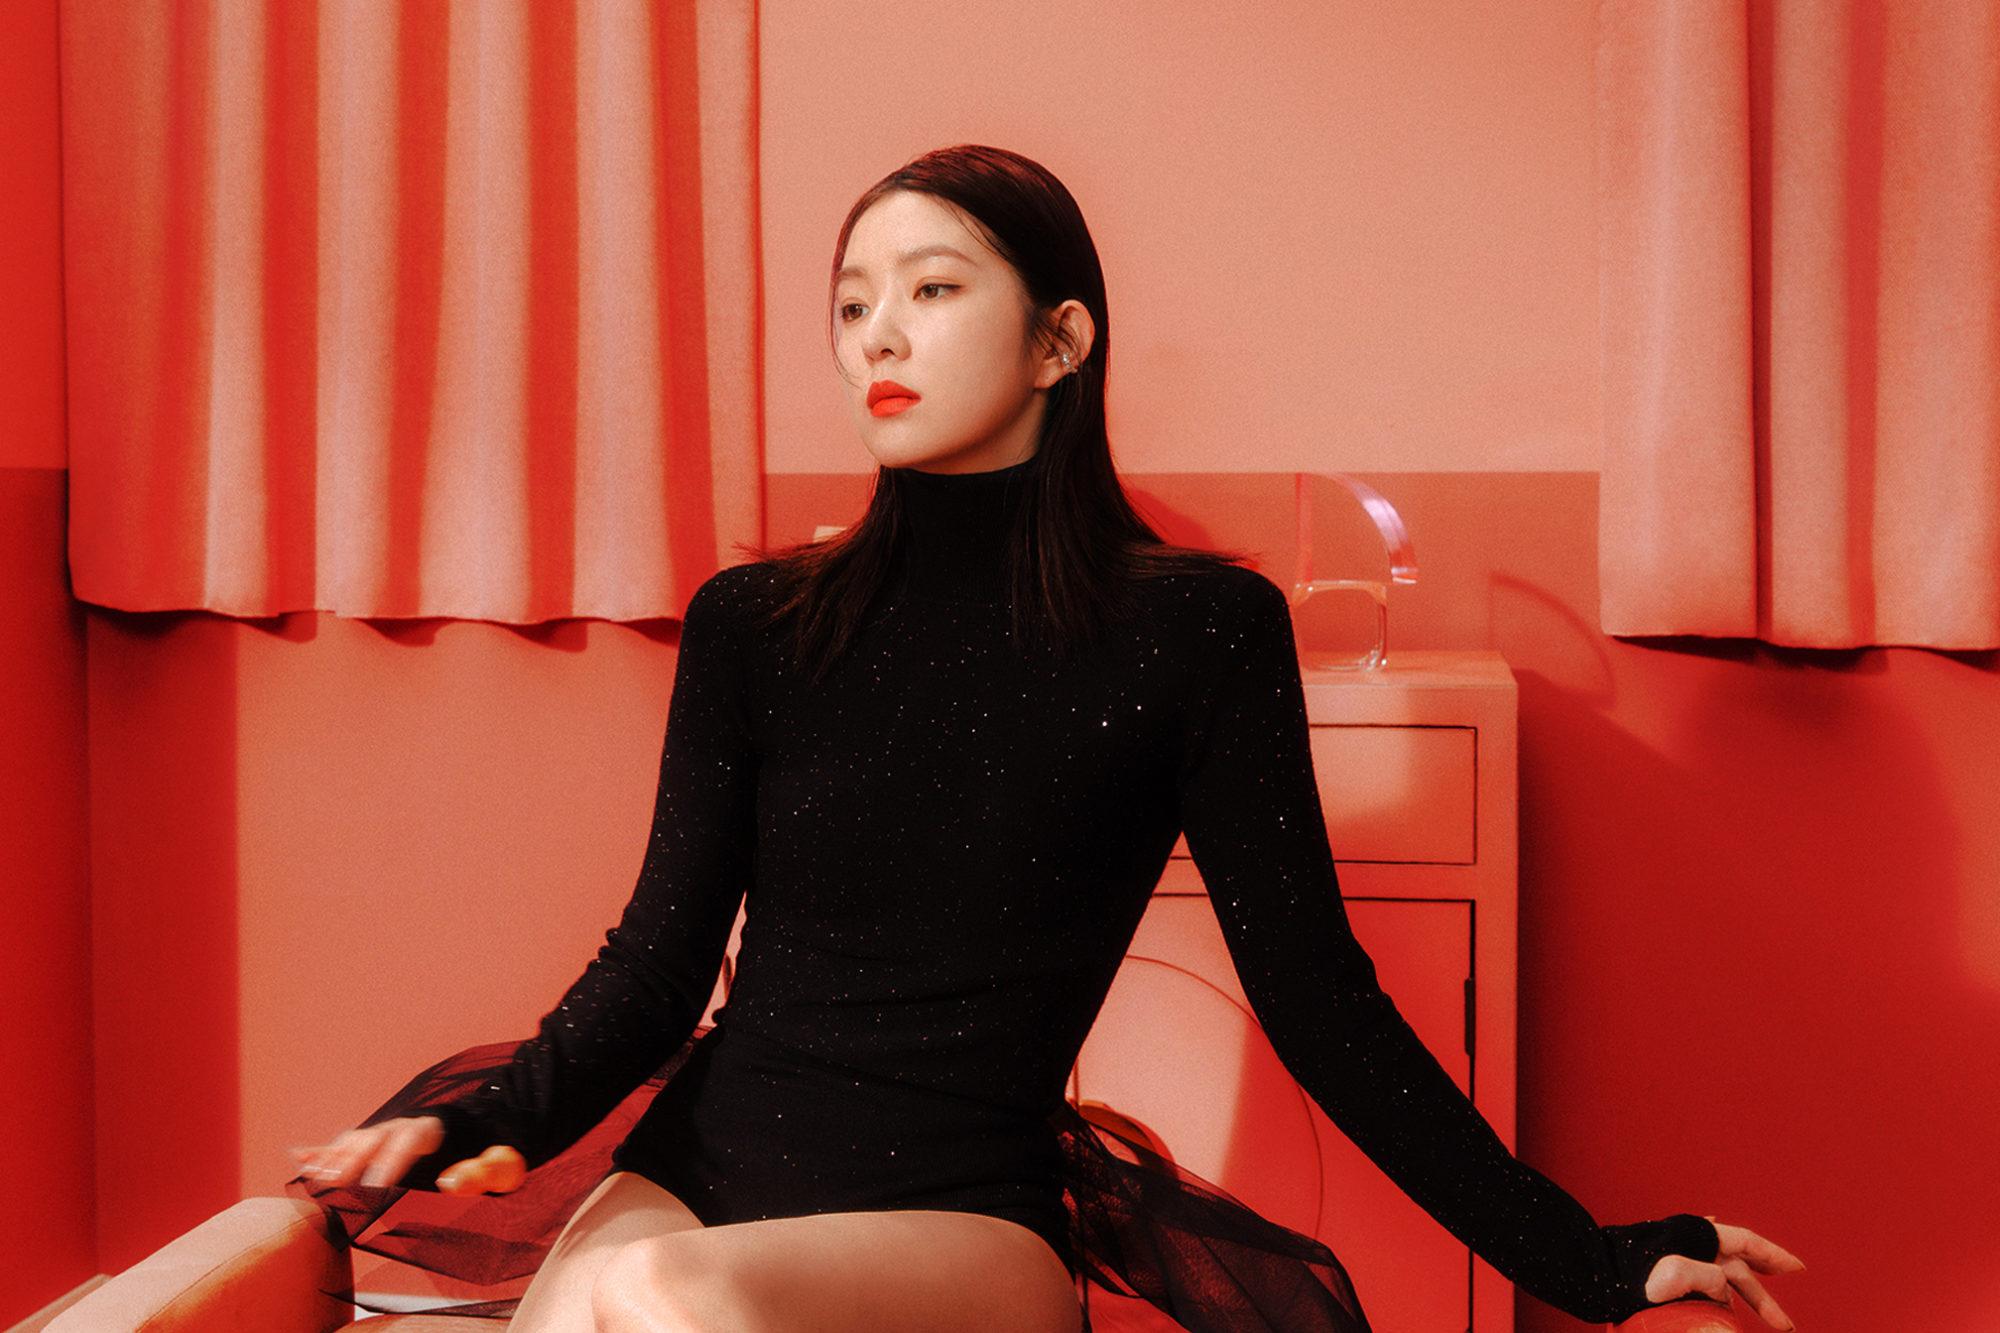 Red Velvet Irene Seulgi Monster Irene Teaser Photos Hd Hq K Pop Database Dbkpop Com